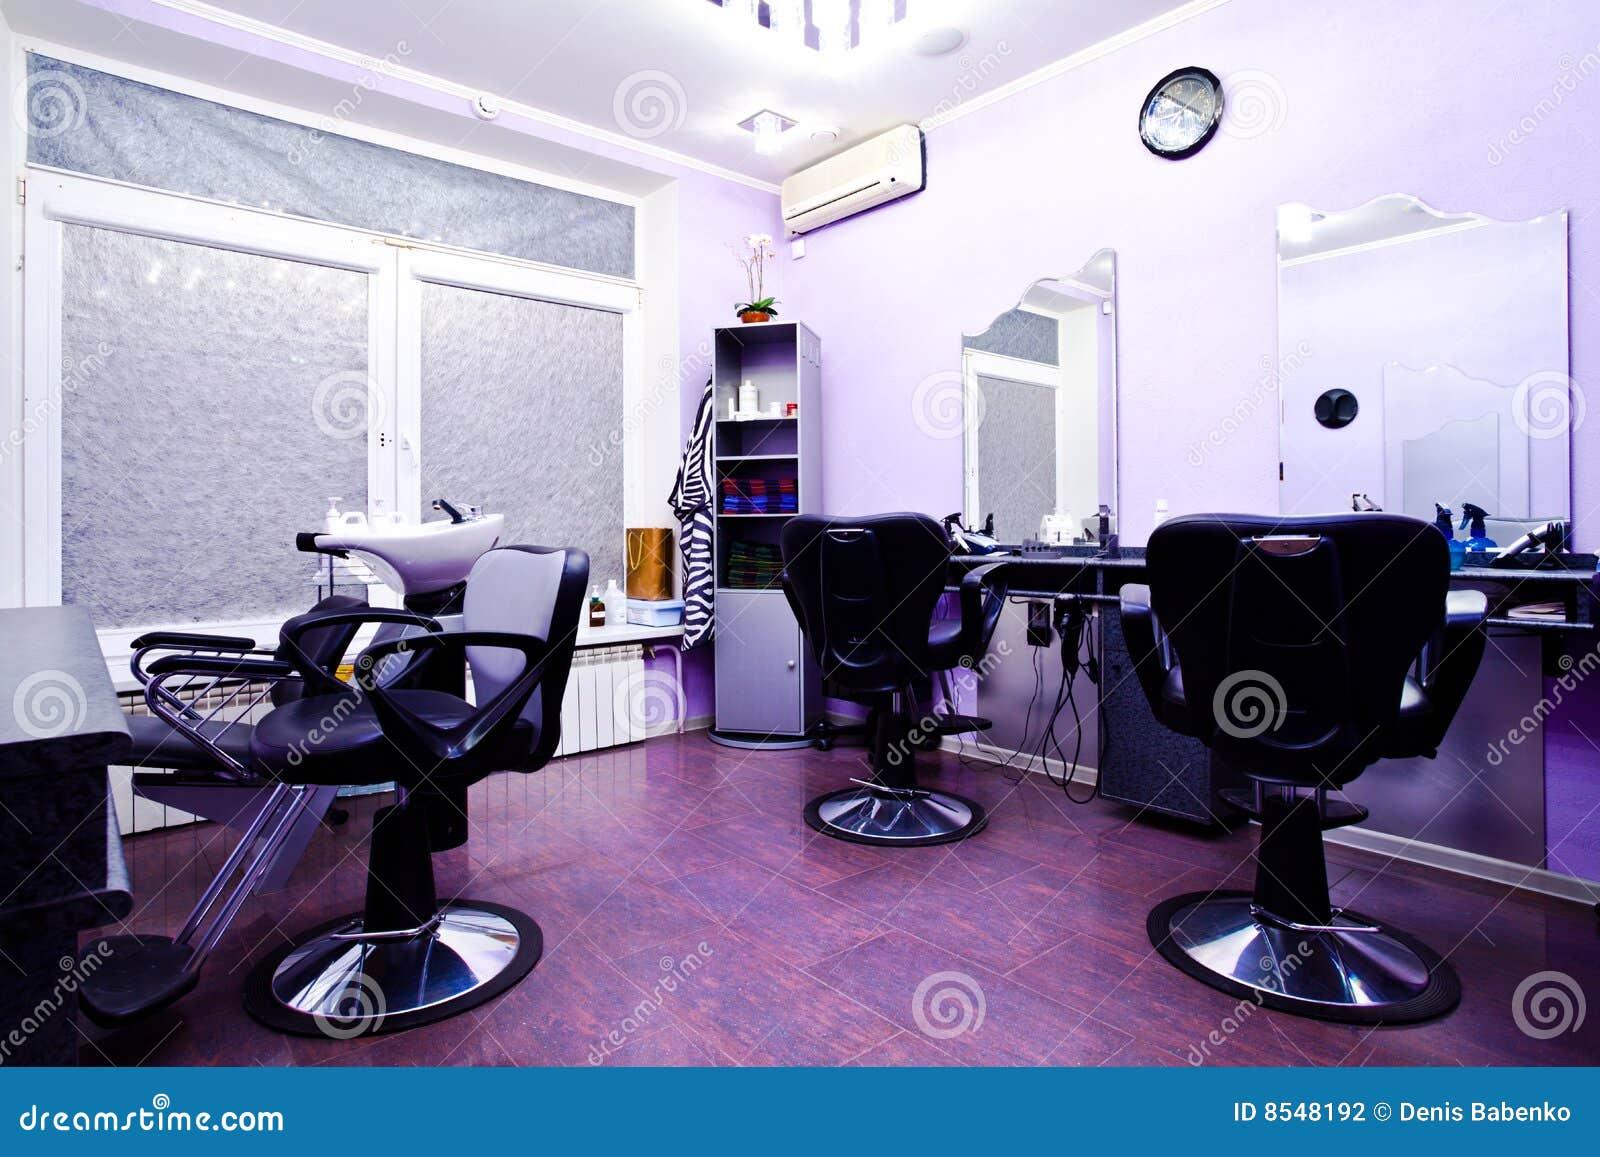 fauteuils dans le salon de coiffure photo stock image du soin int rieur 8548192. Black Bedroom Furniture Sets. Home Design Ideas